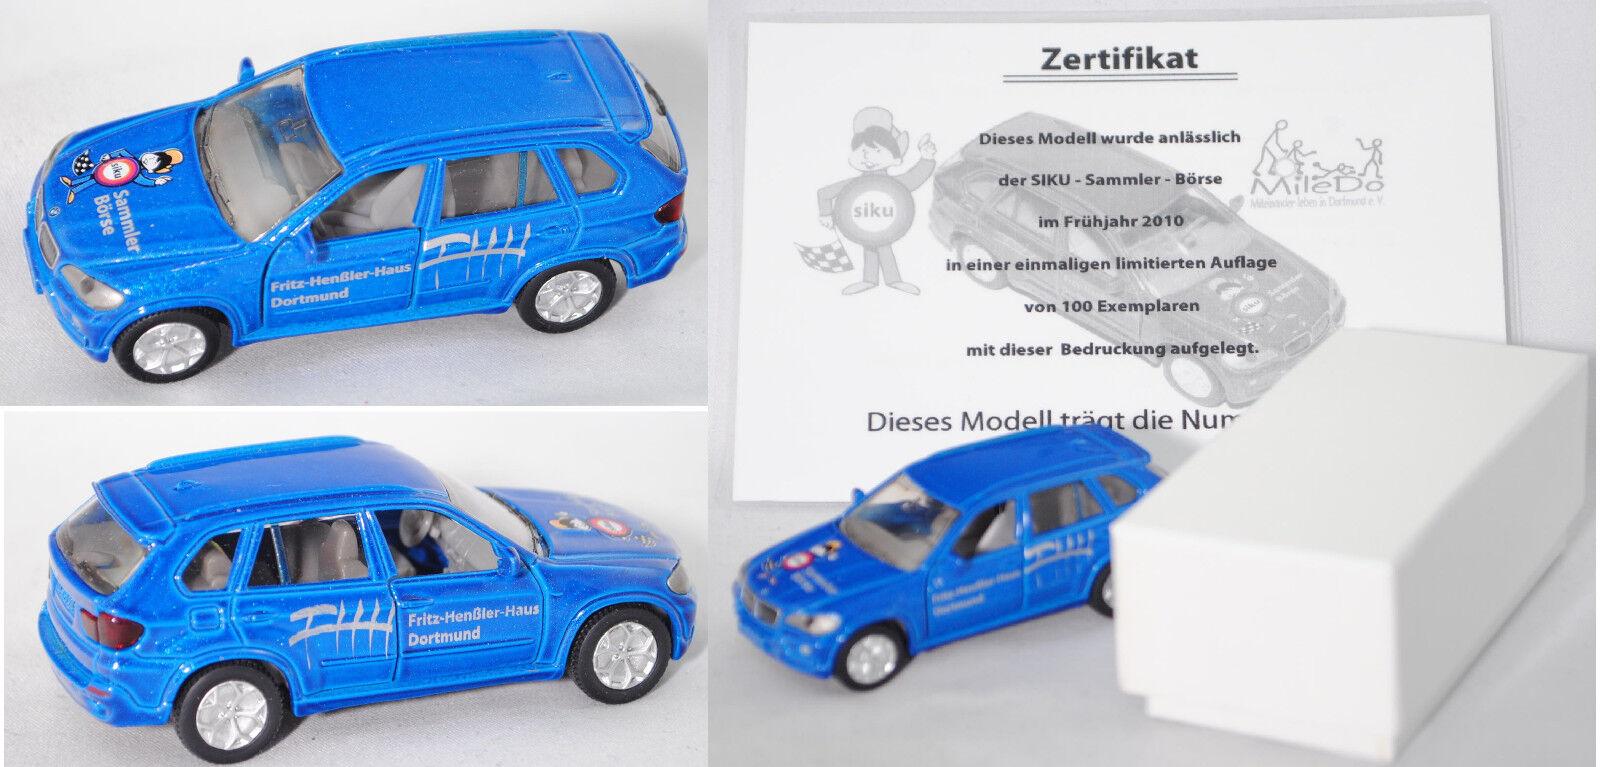 Siku Super 1432 bmw x5 azul metalizado fhh fhh fhh Dortmund coleccionista bolsa werbebox 7802e6